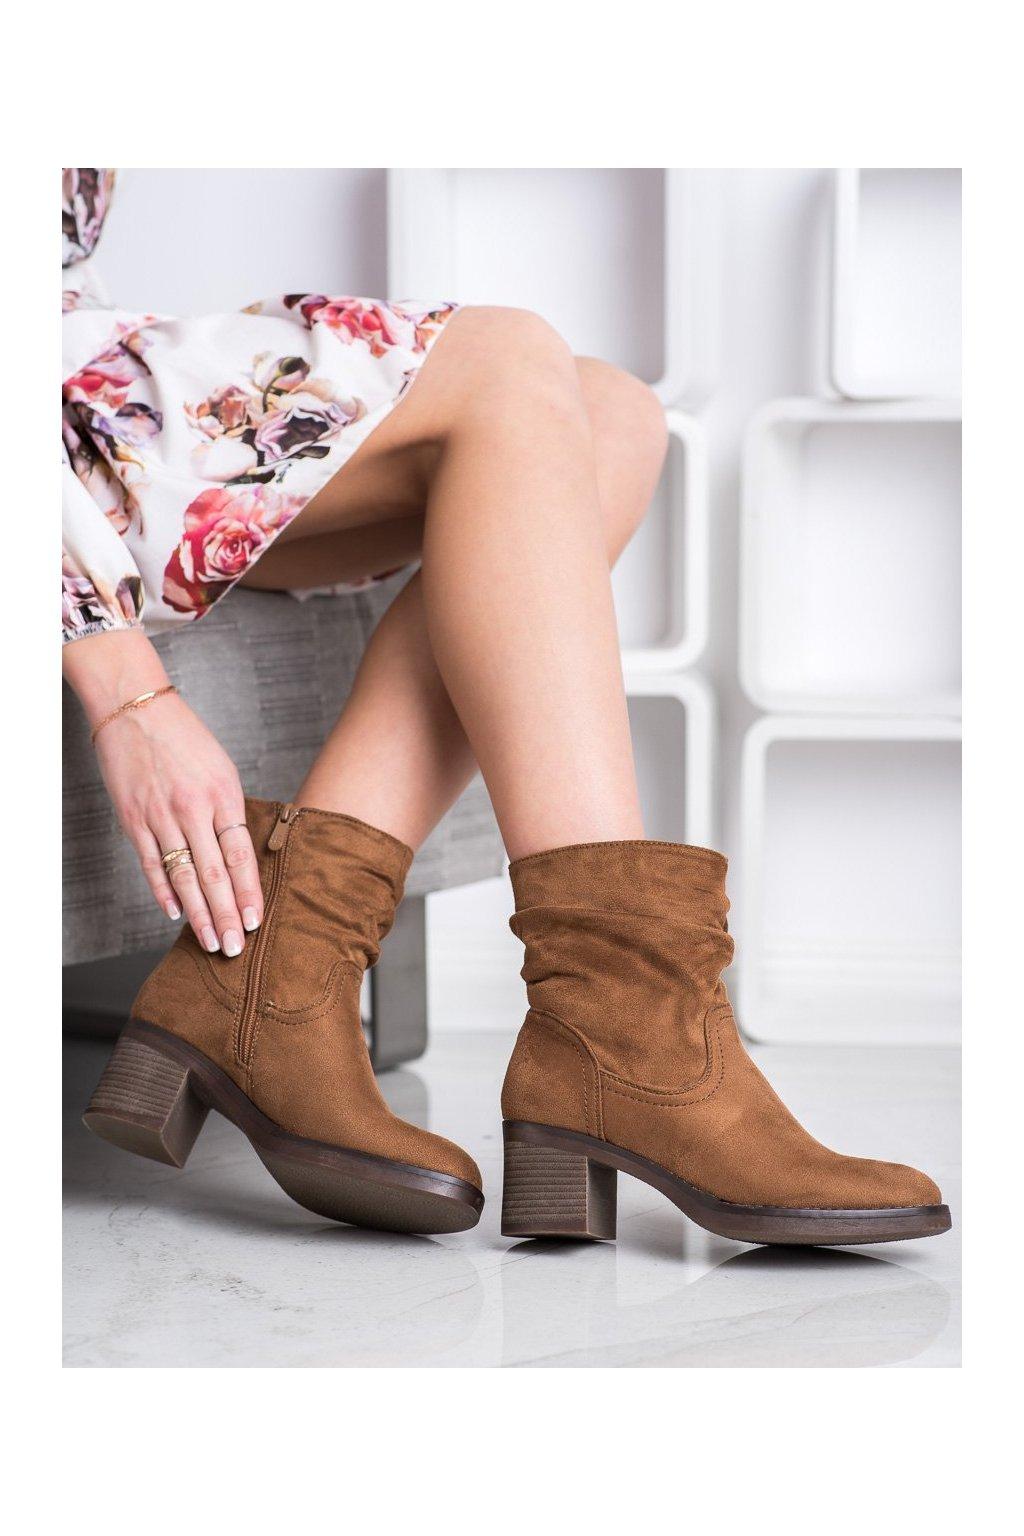 Hnedé dámske topánky Super mode kod 6341C